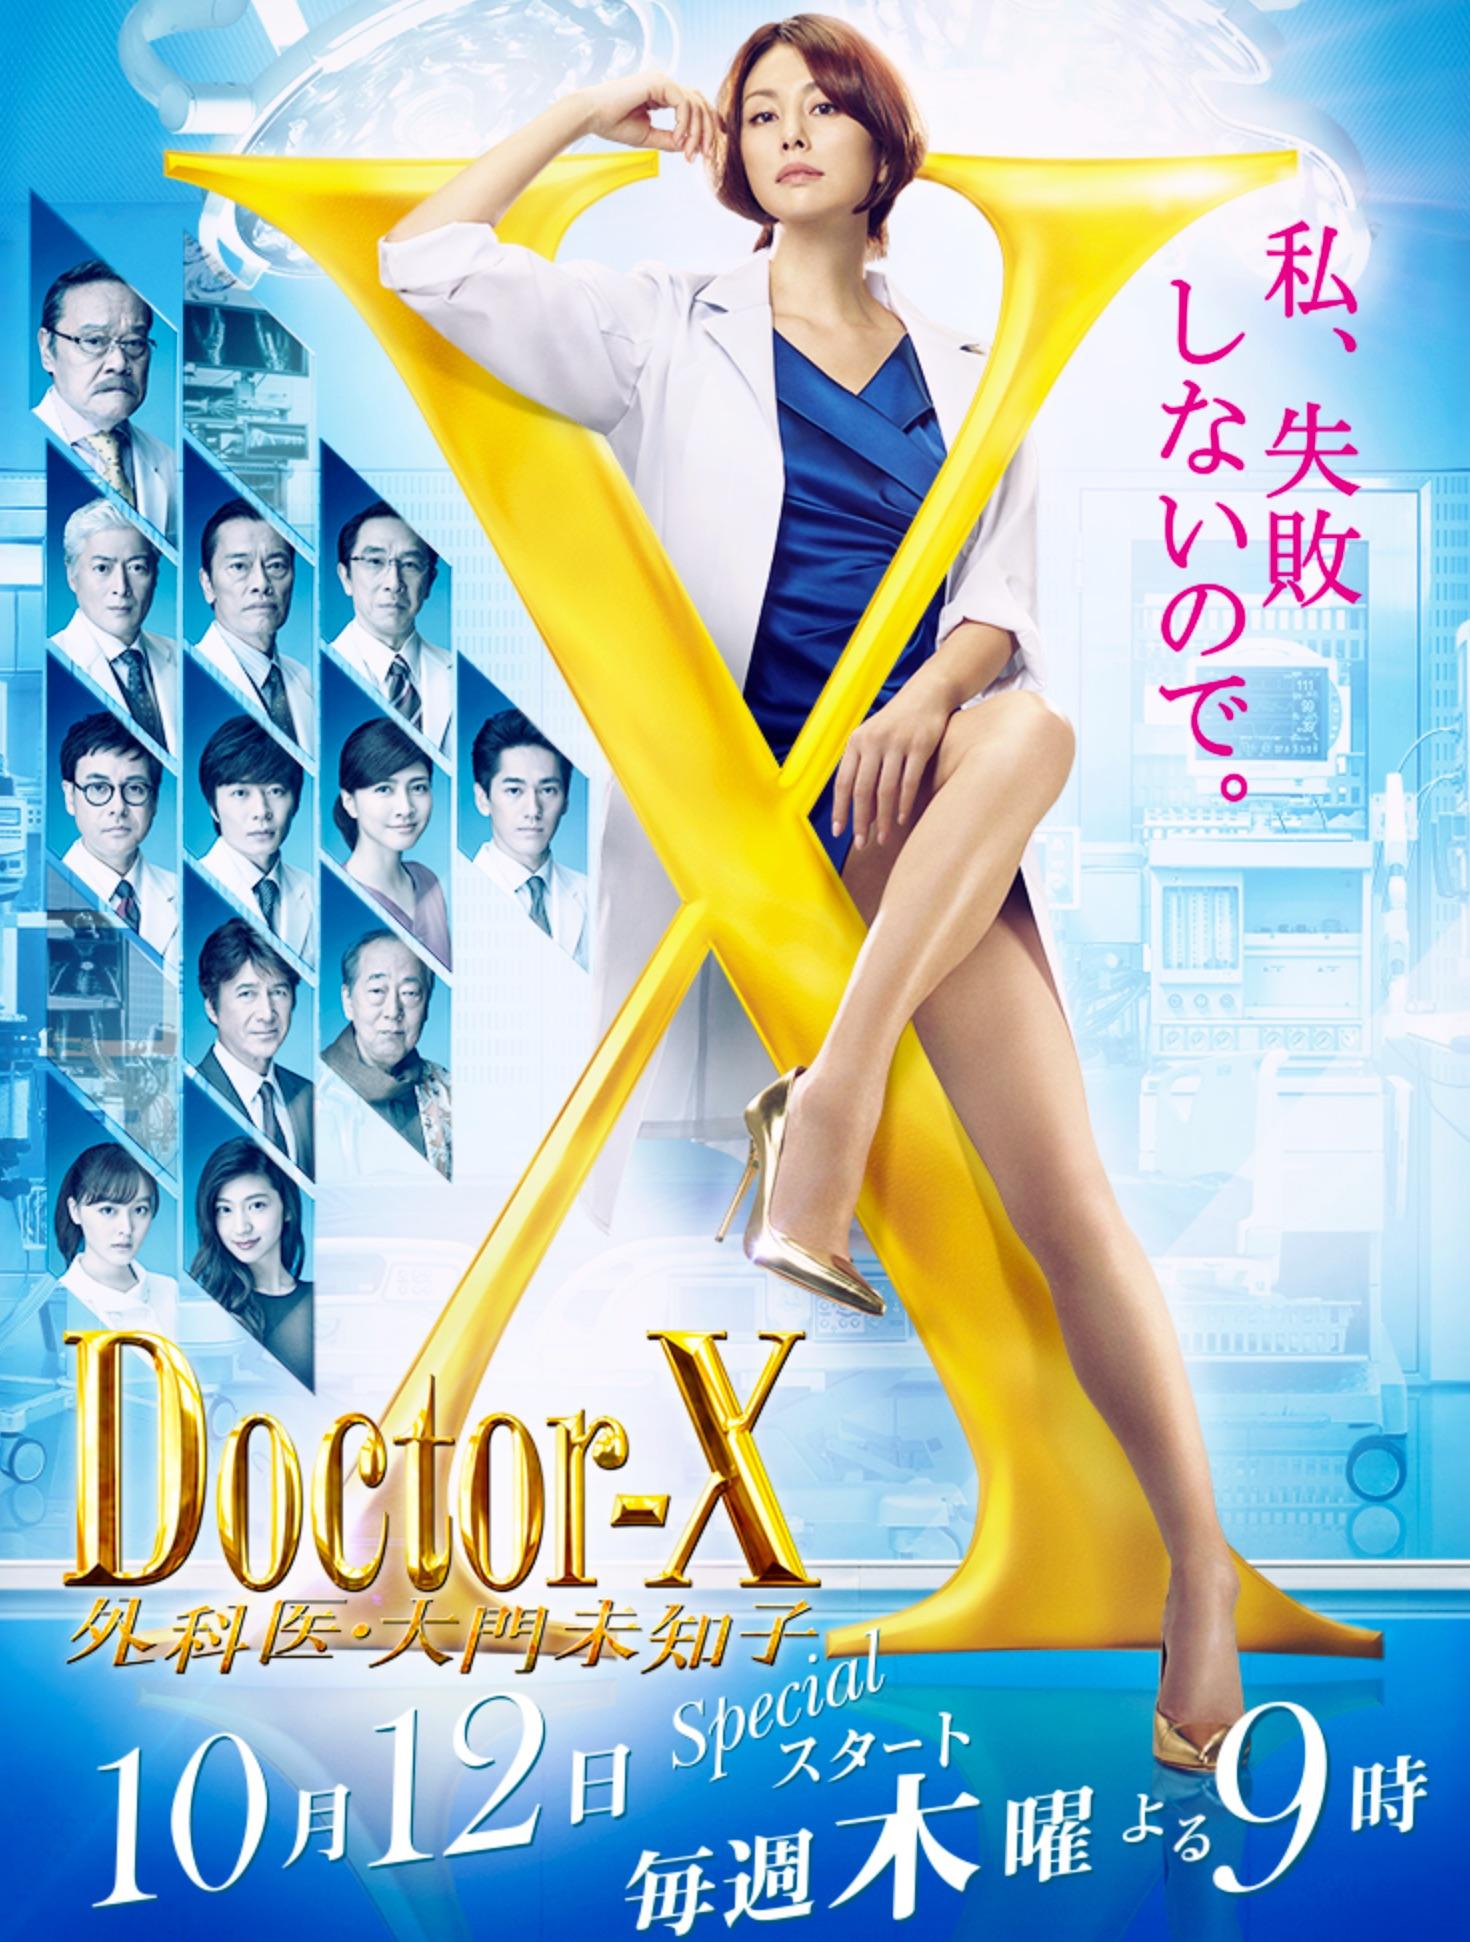 ドクターX。第5シリーズ